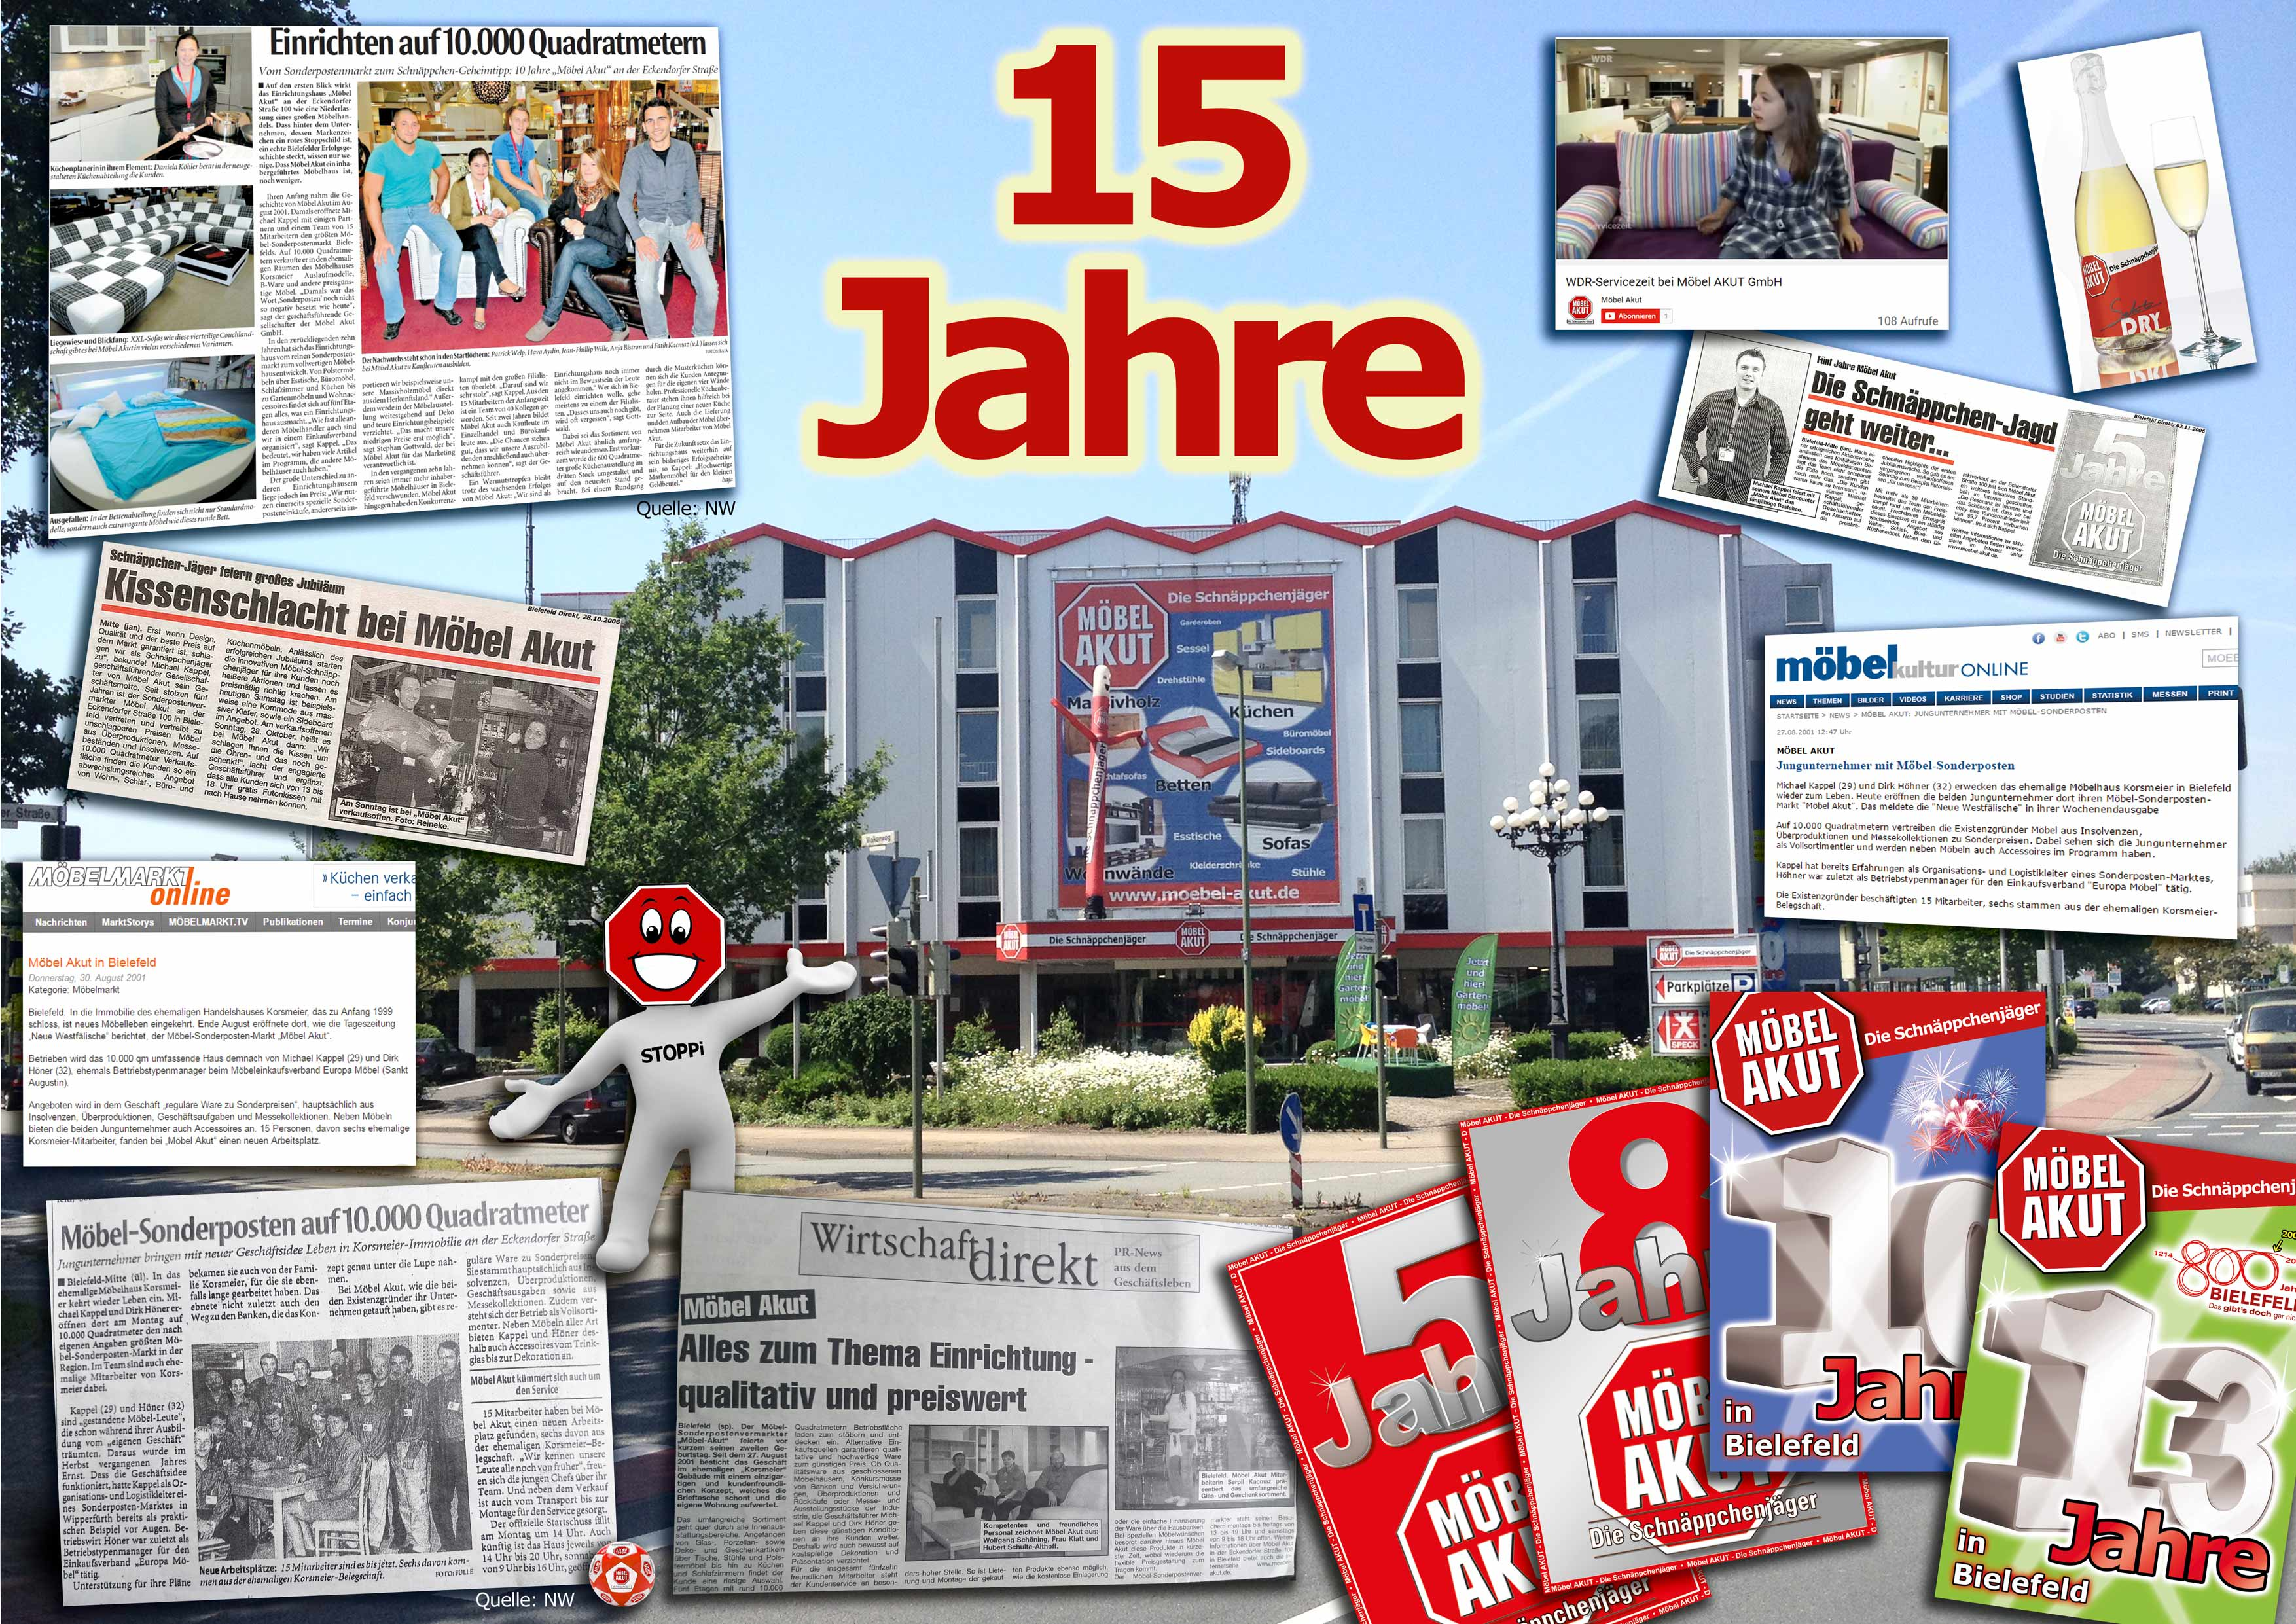 Möbel Akut Gmbh 33609 Bielefeld Innenstadt öffnungszeiten